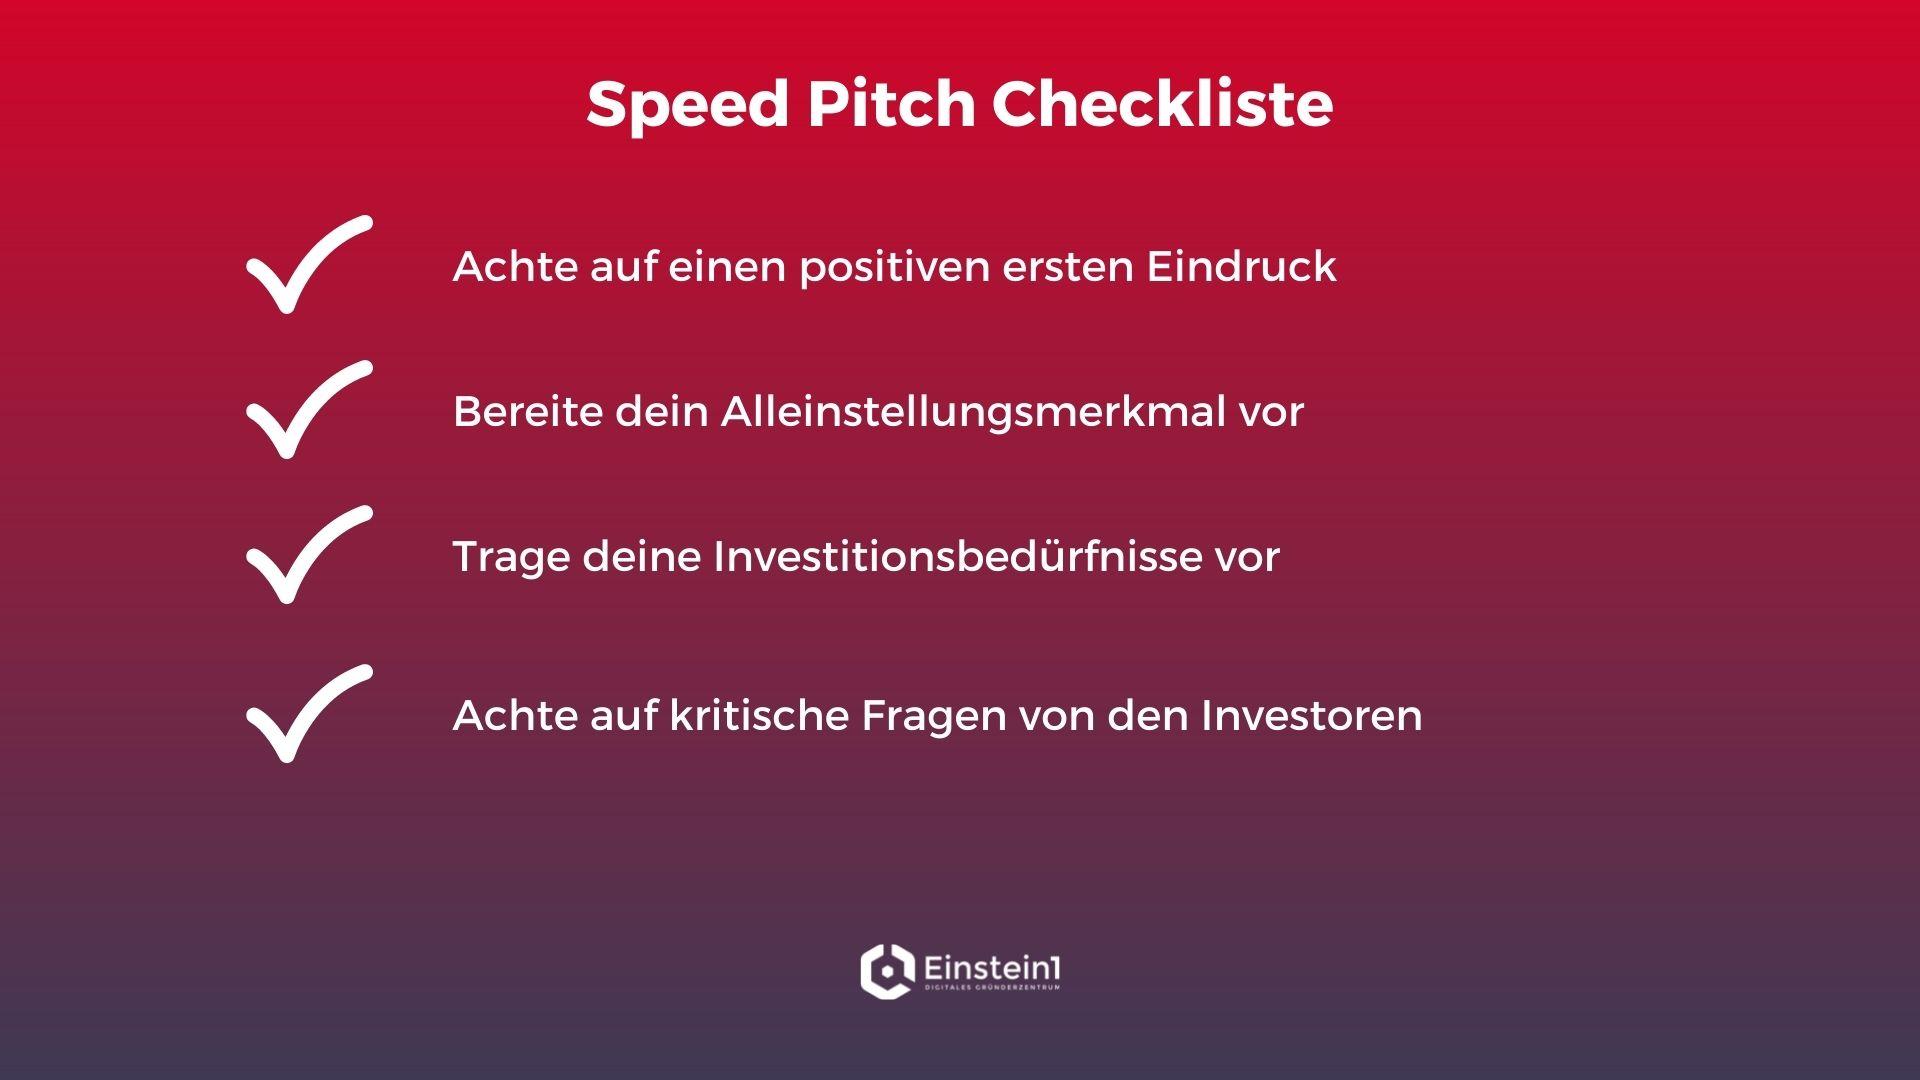 speed-pitch-checkliste-einstein1